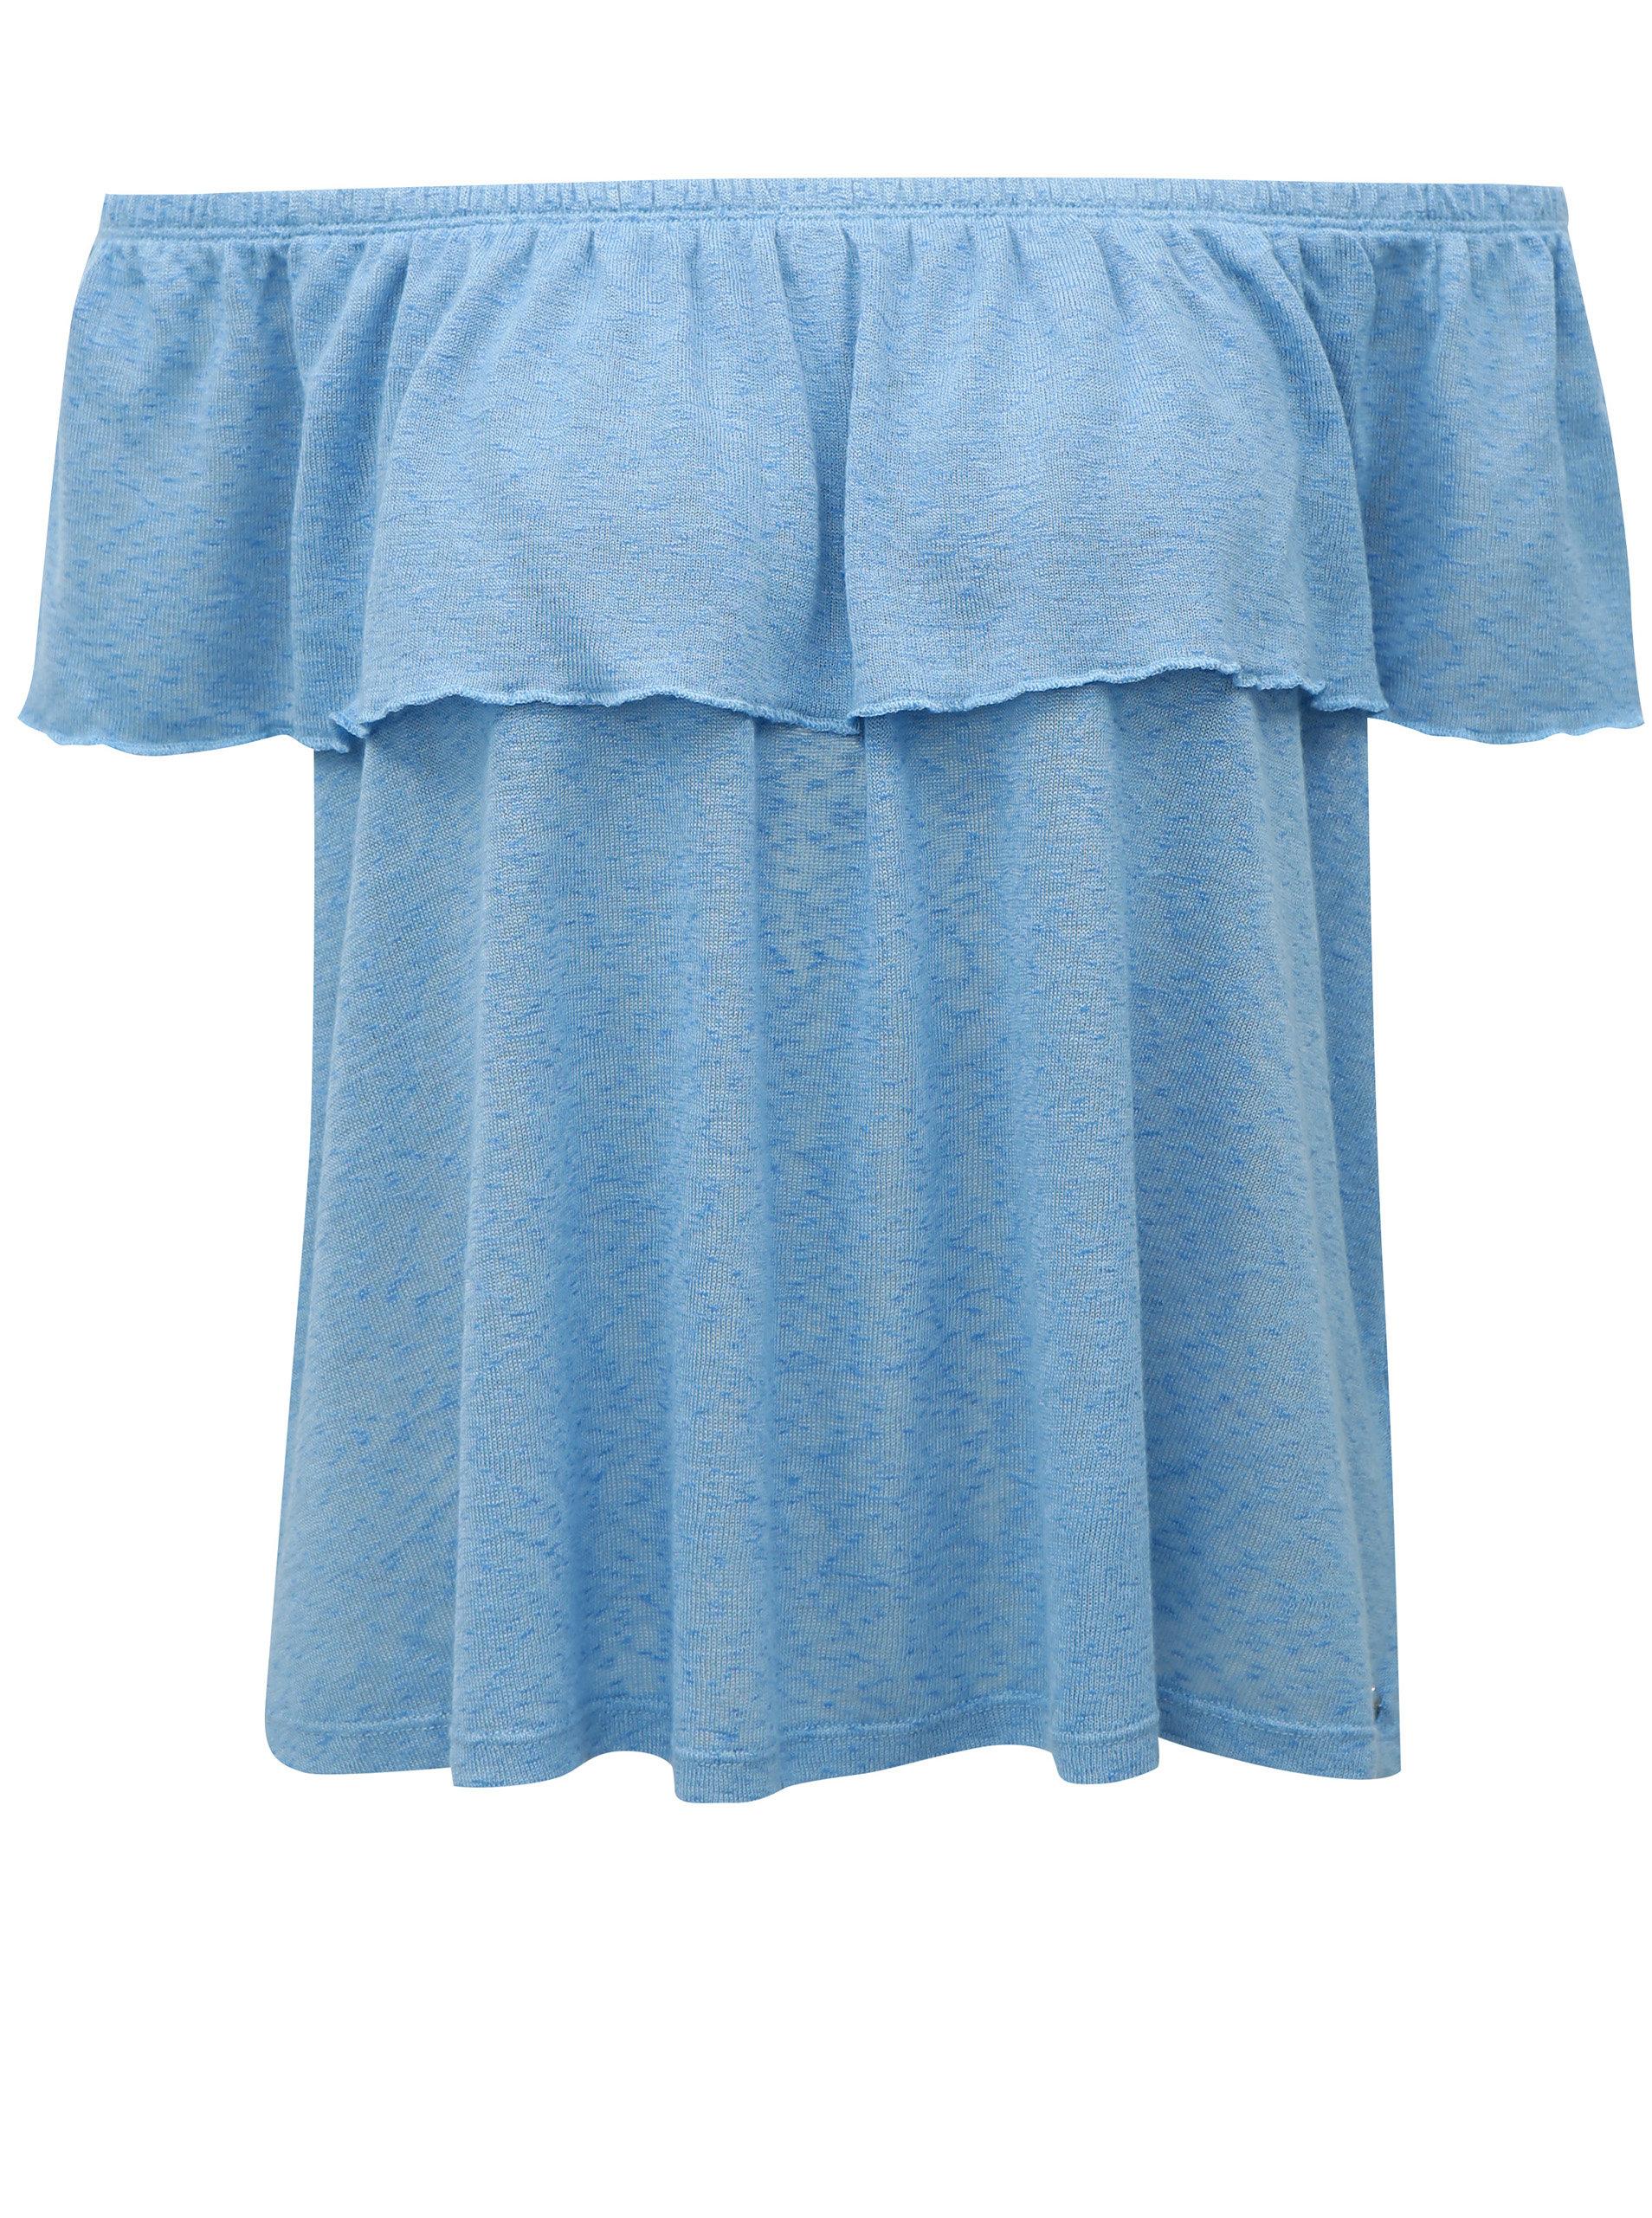 0f1f95ff0f Modrá blúzka s odhalenými ramenami Broadway Fleta ...